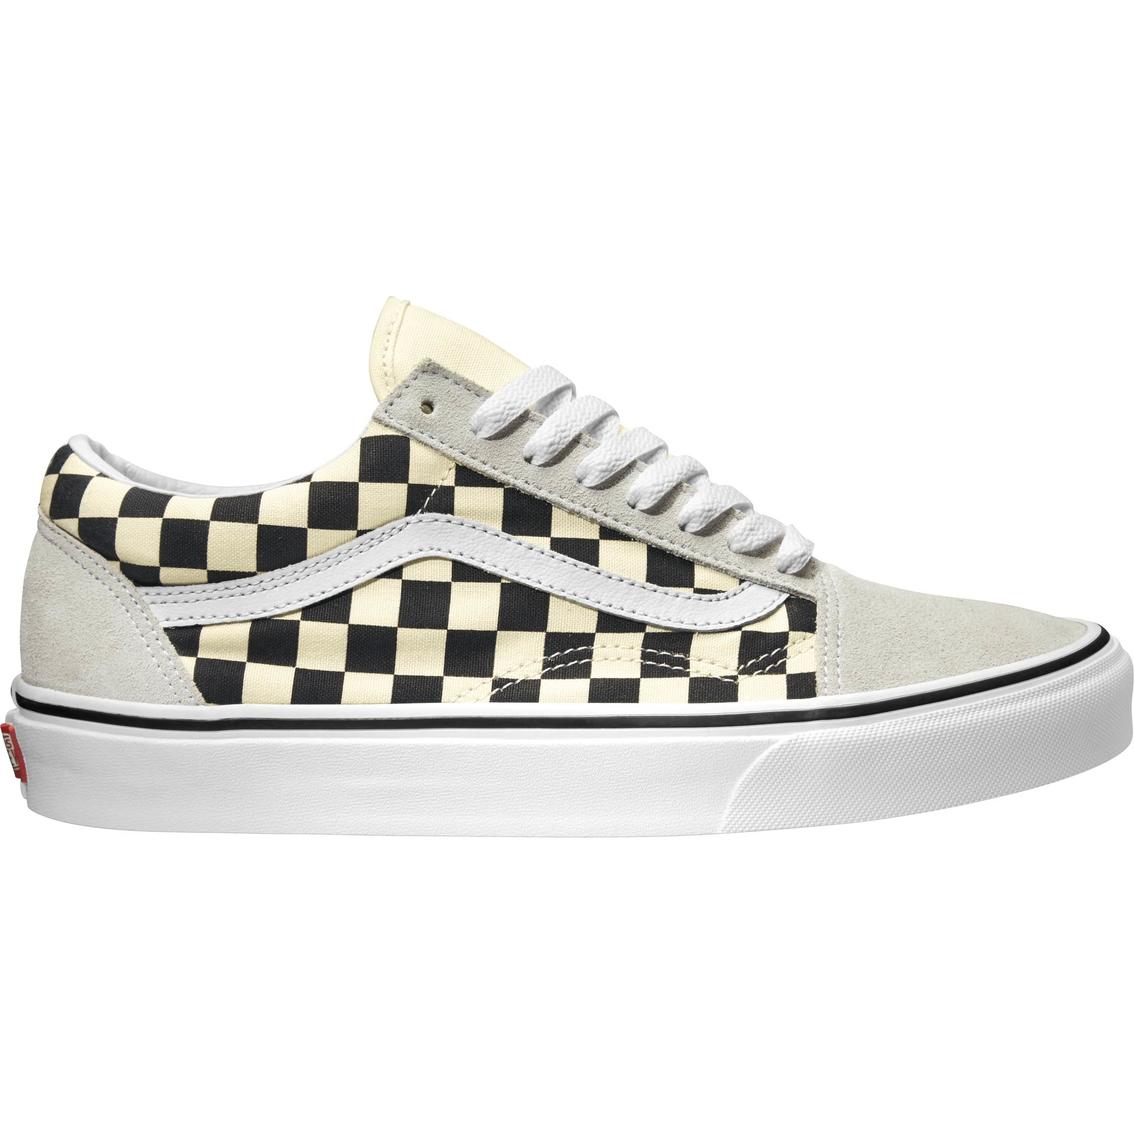 987f8b7d0f10 Vans Old Skool Sneakers Checkerboard